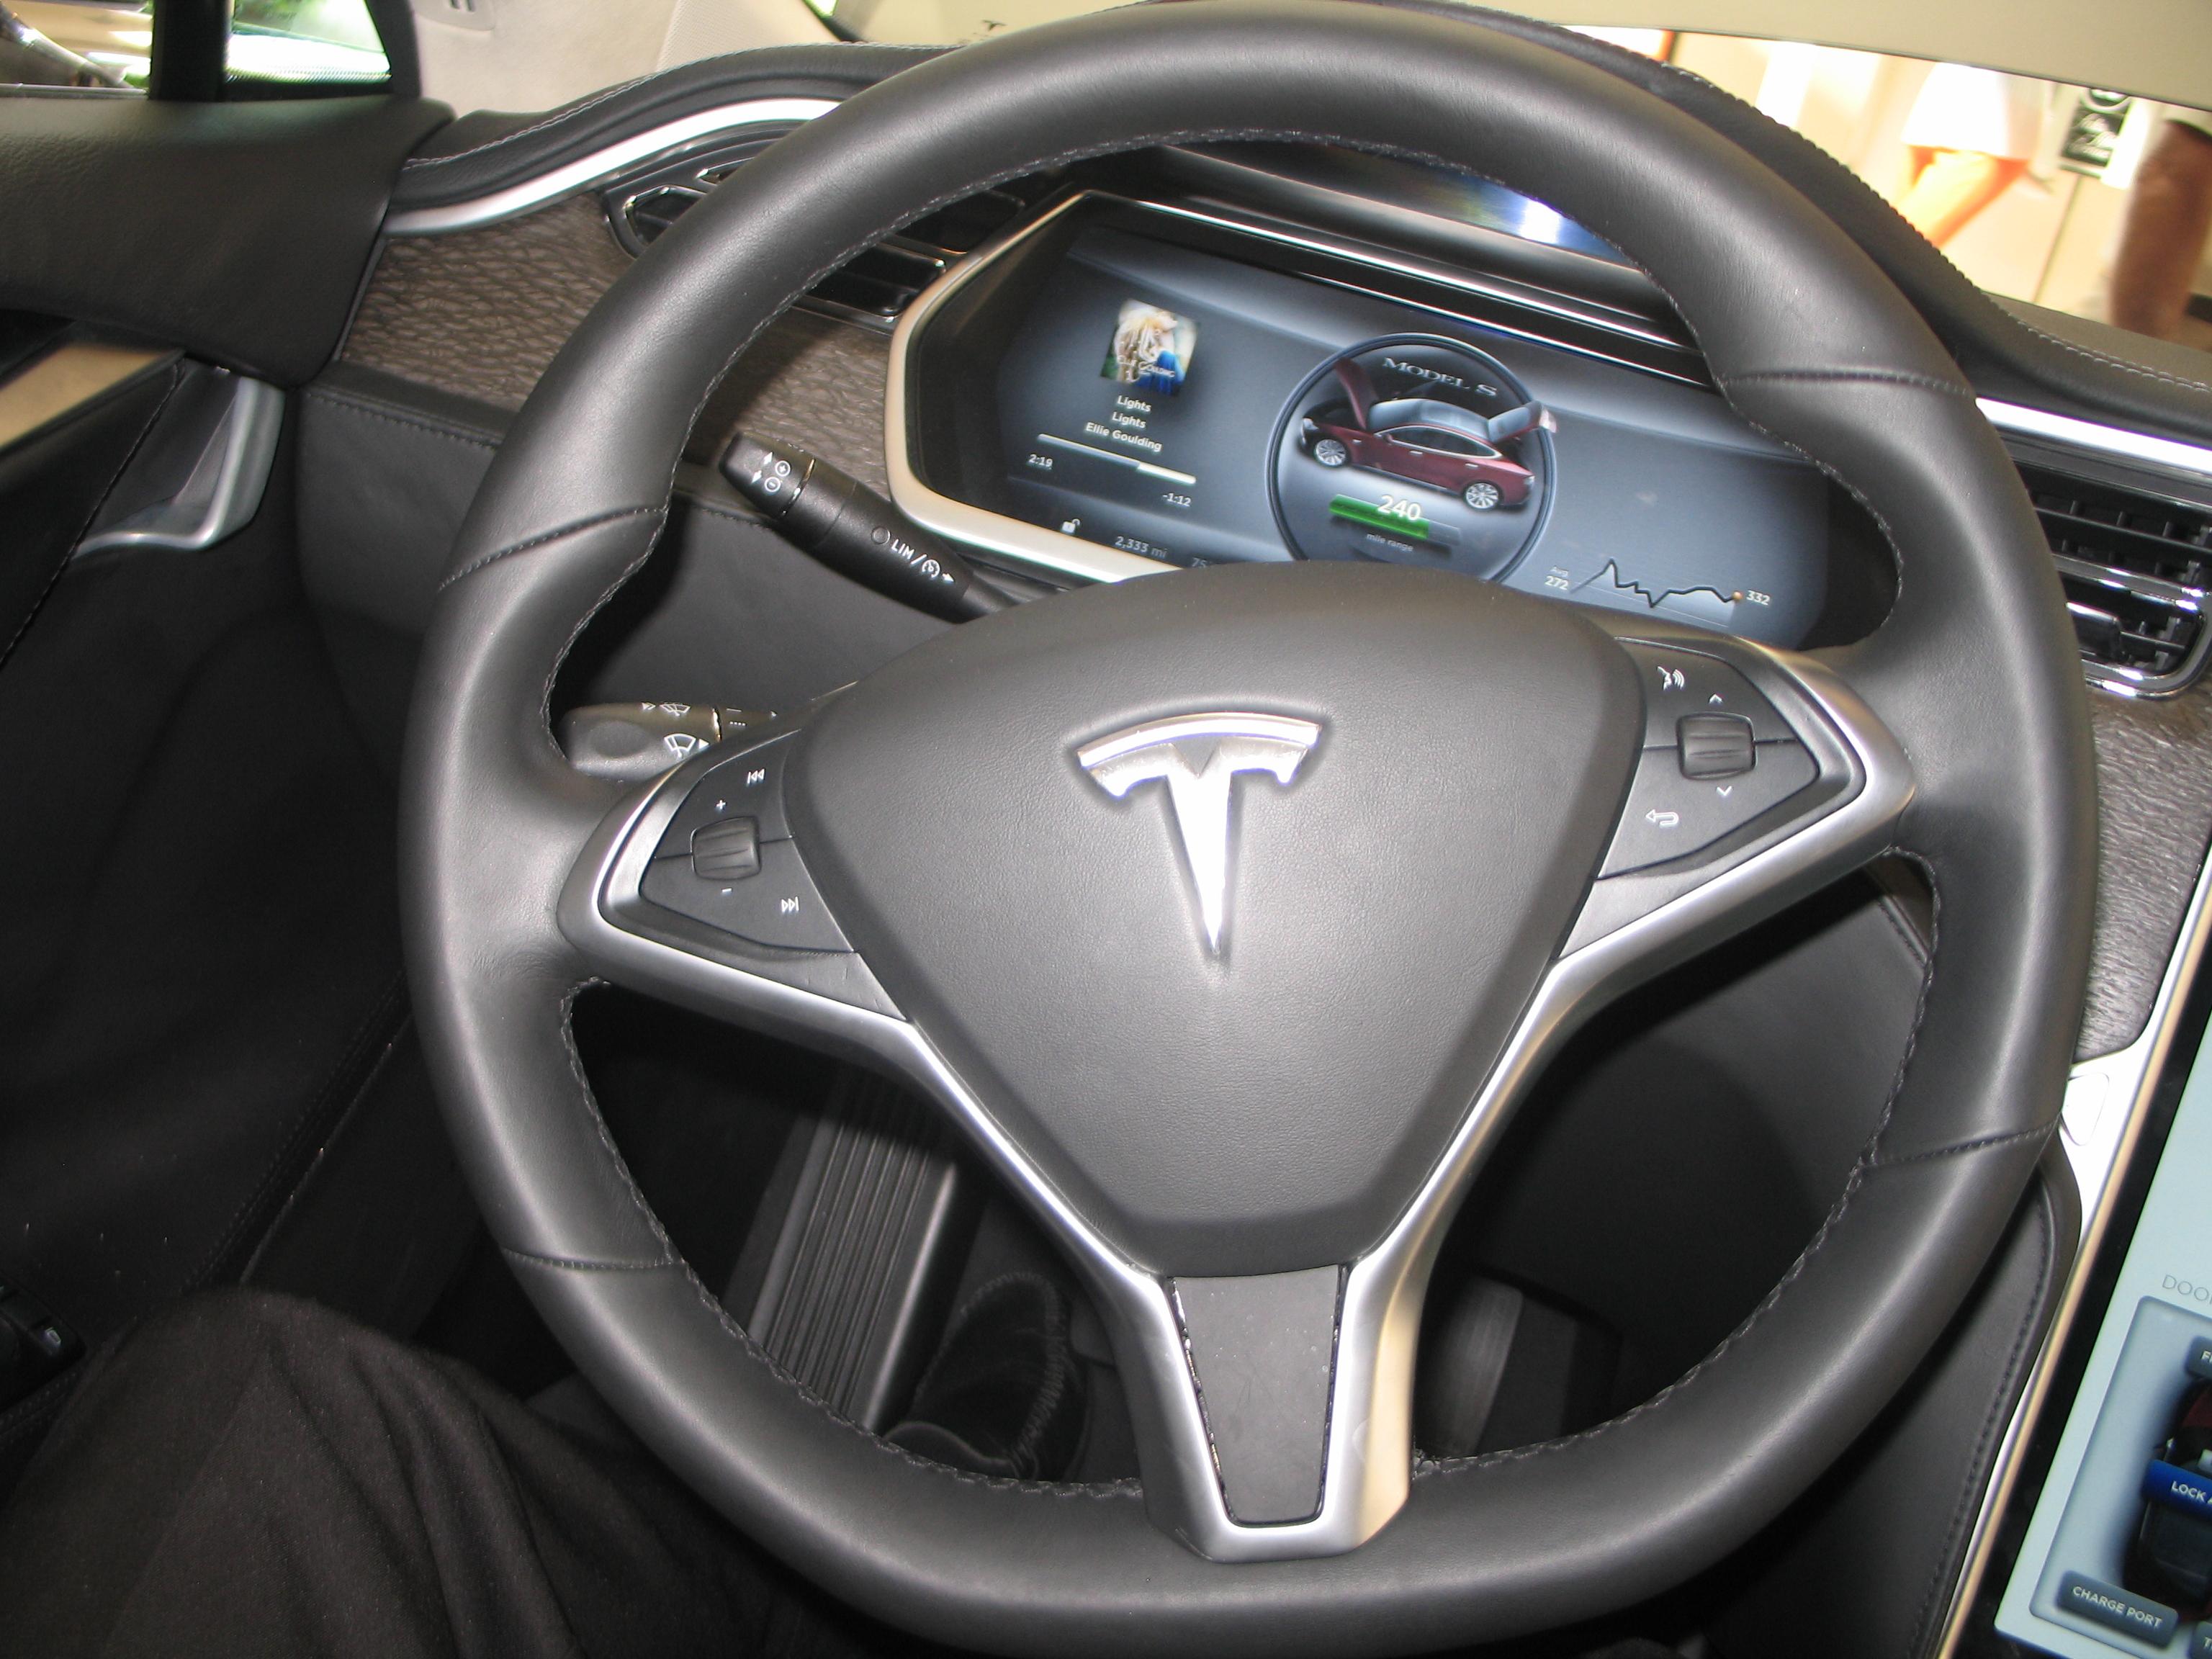 Tesla at Sak's Sarasota 005.JPG